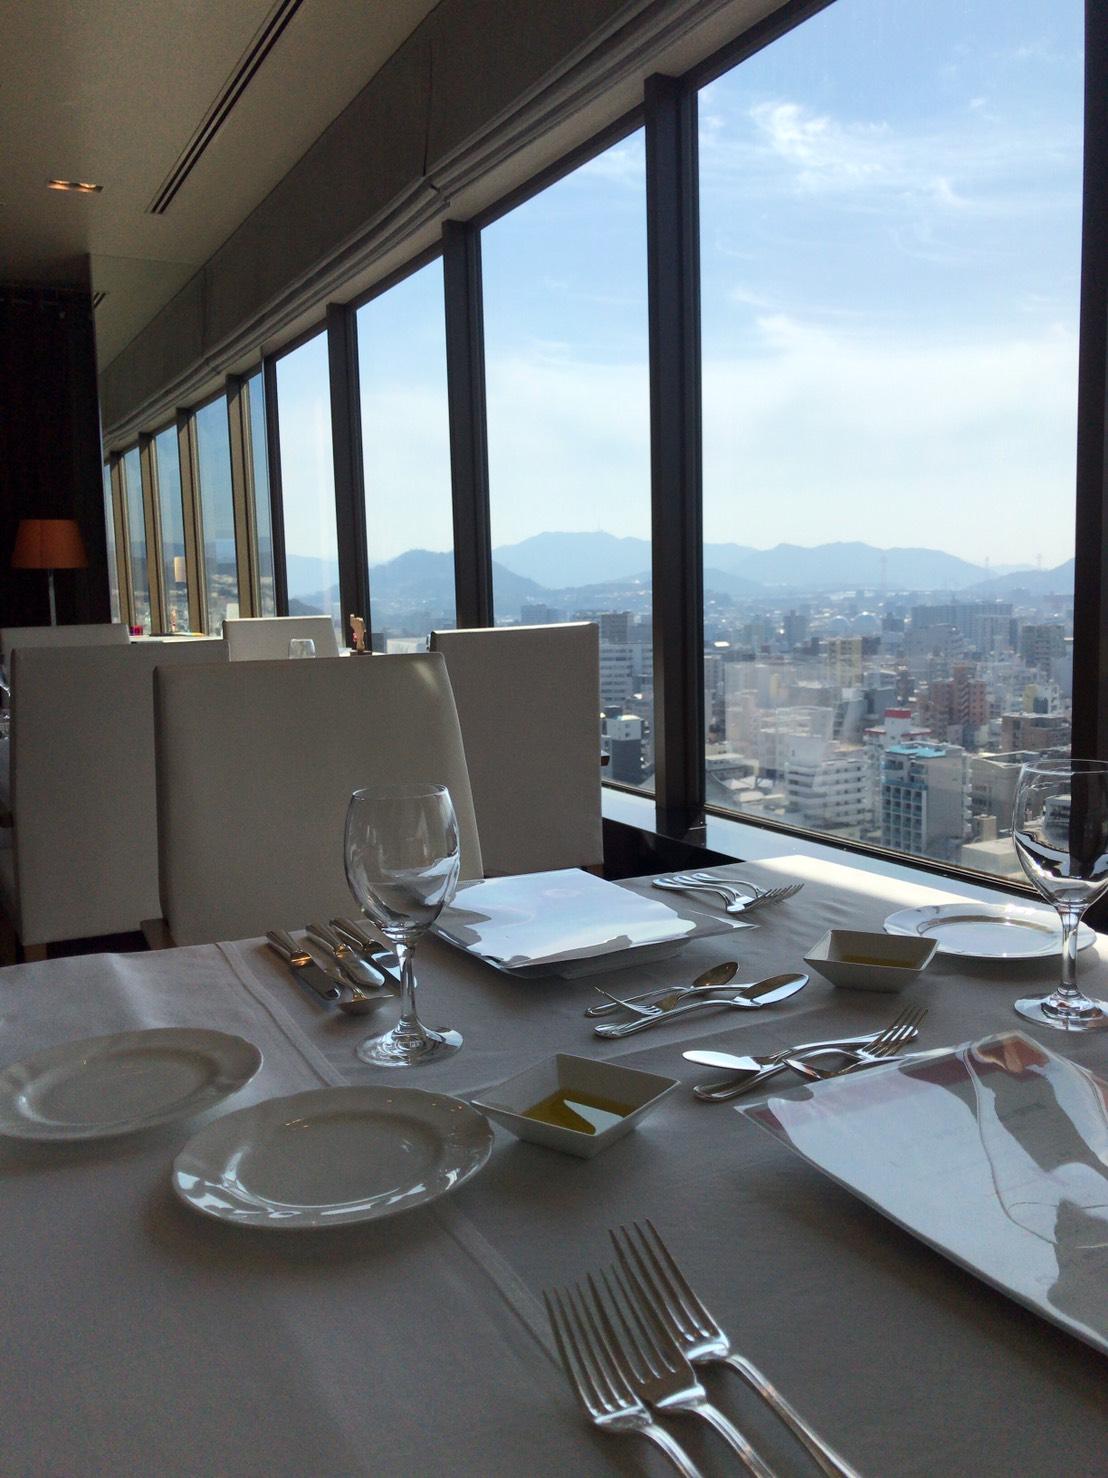 ANAクラウンプラザホテル広島からの景色